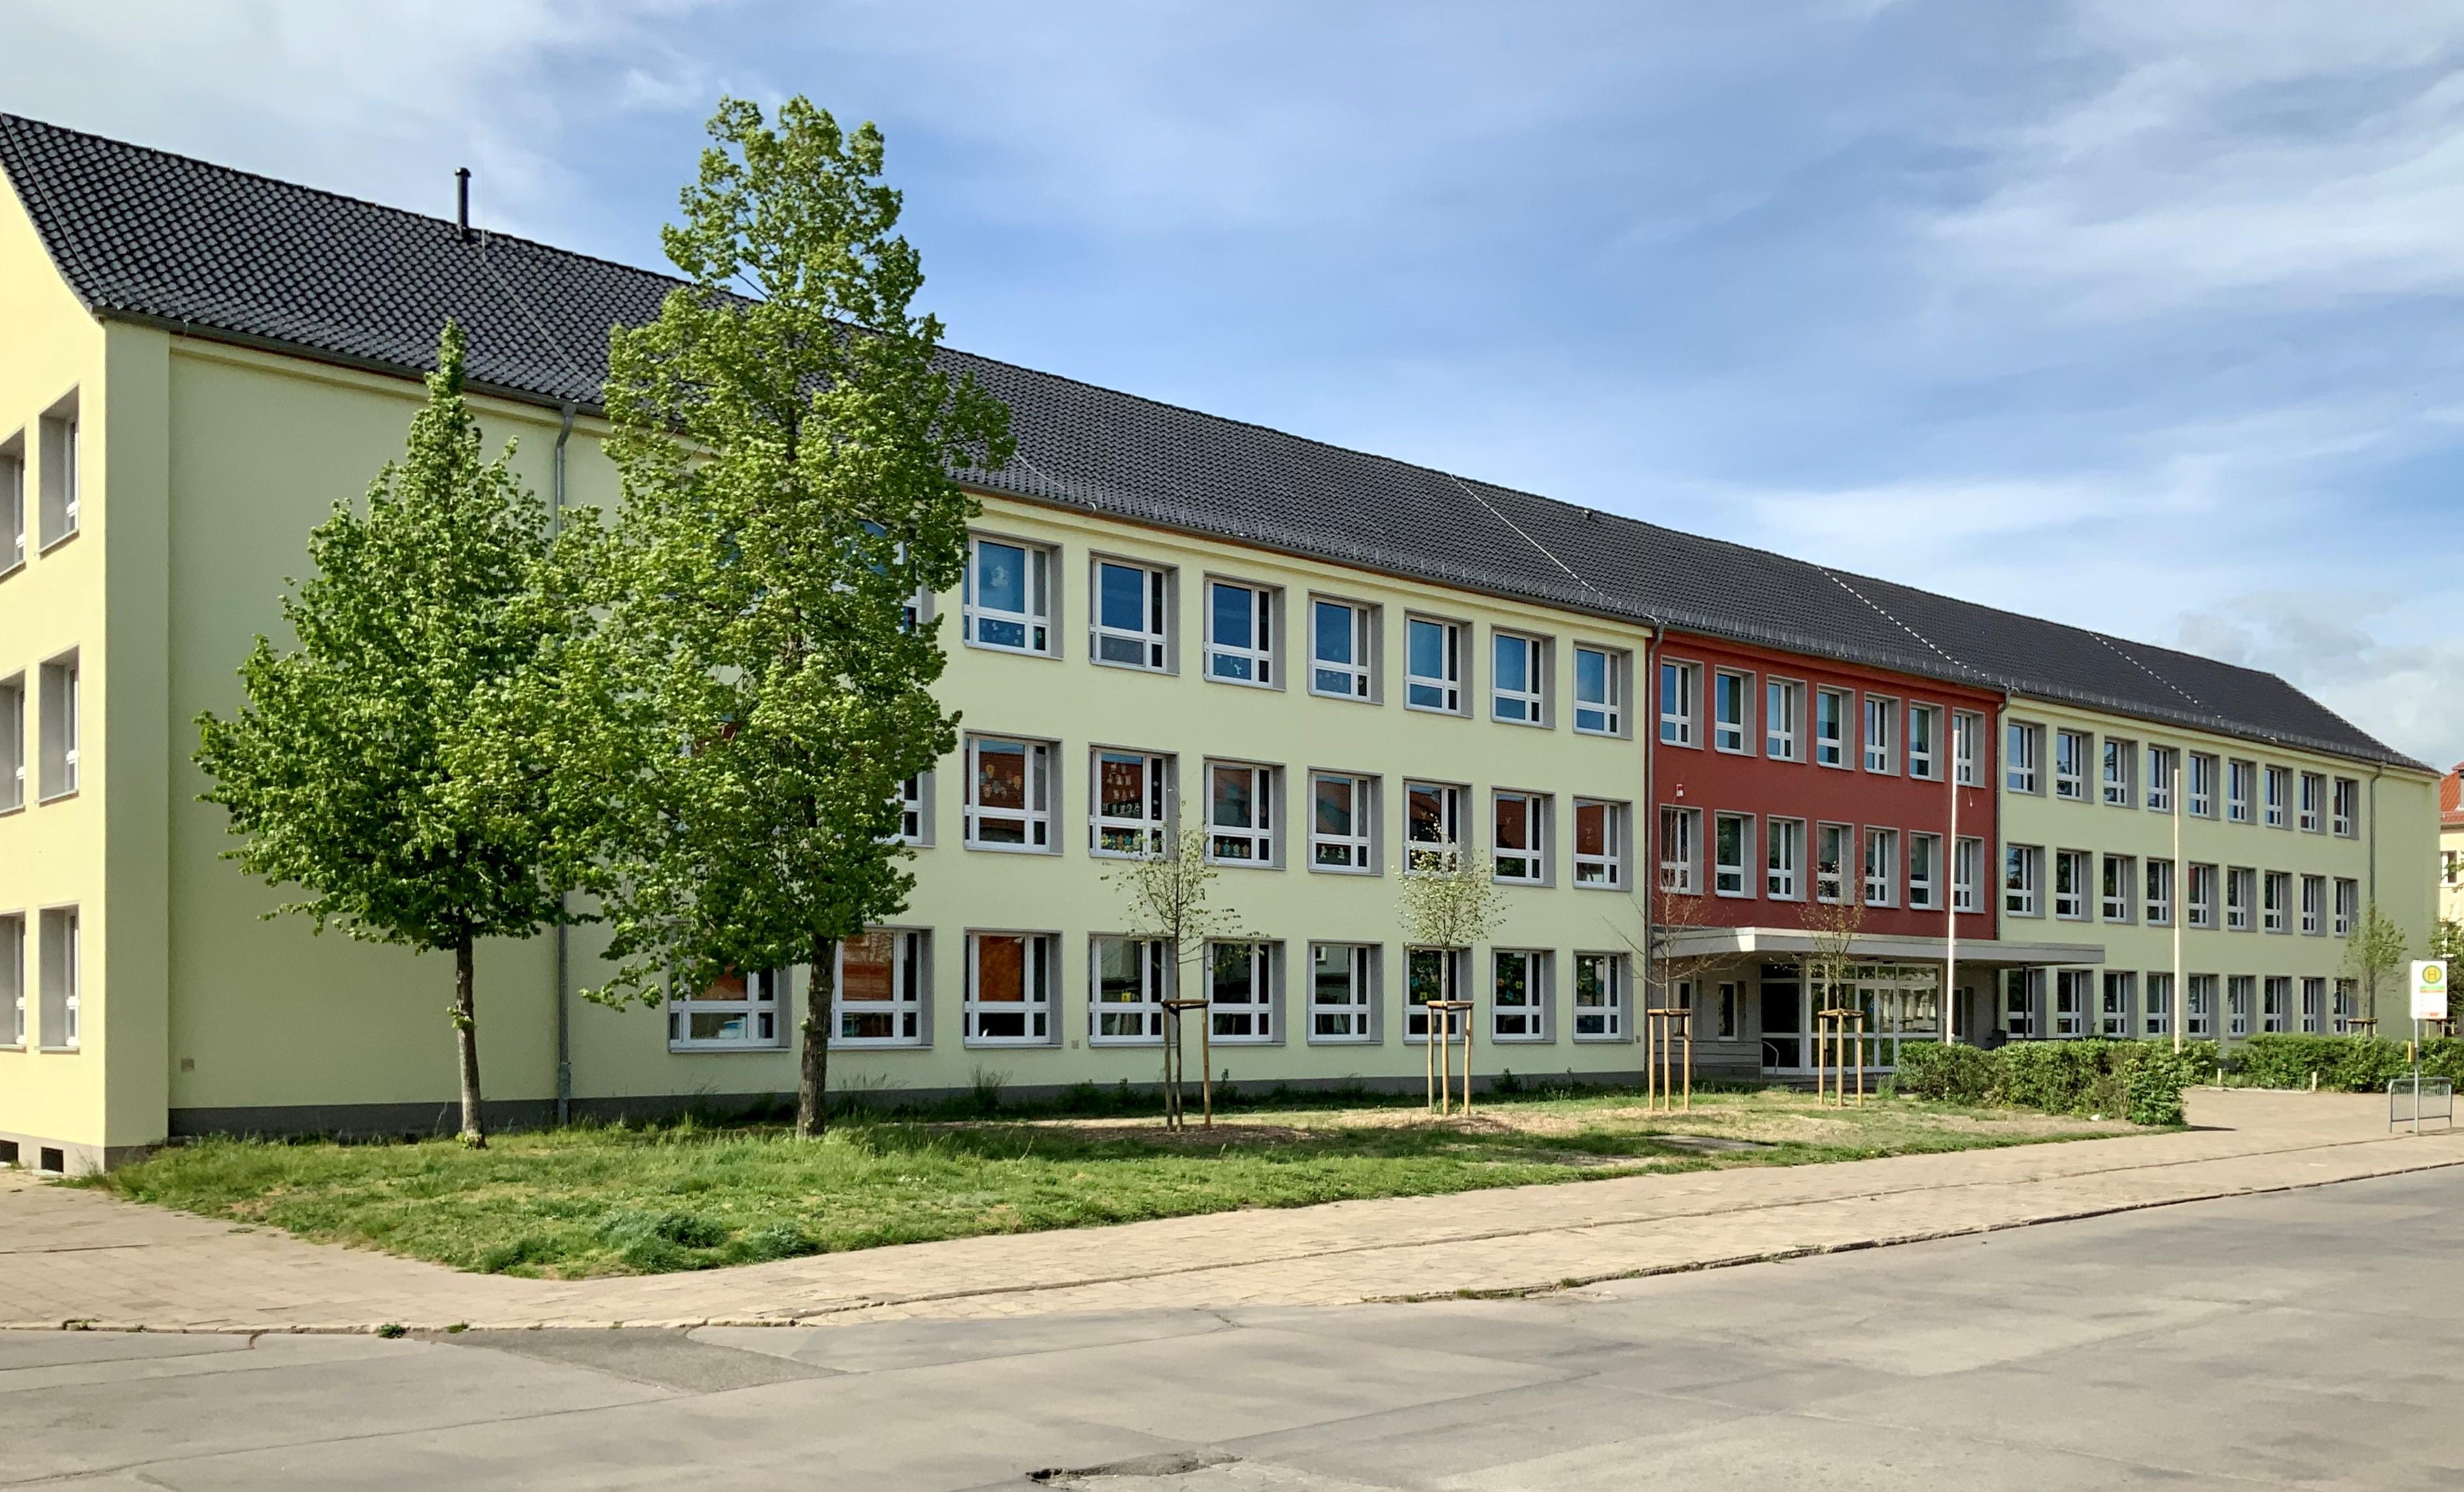 Ab dem 04. Mai 2020 startet schrittweise der Unterricht in der Grundschule Lessing Calbe (Saale).